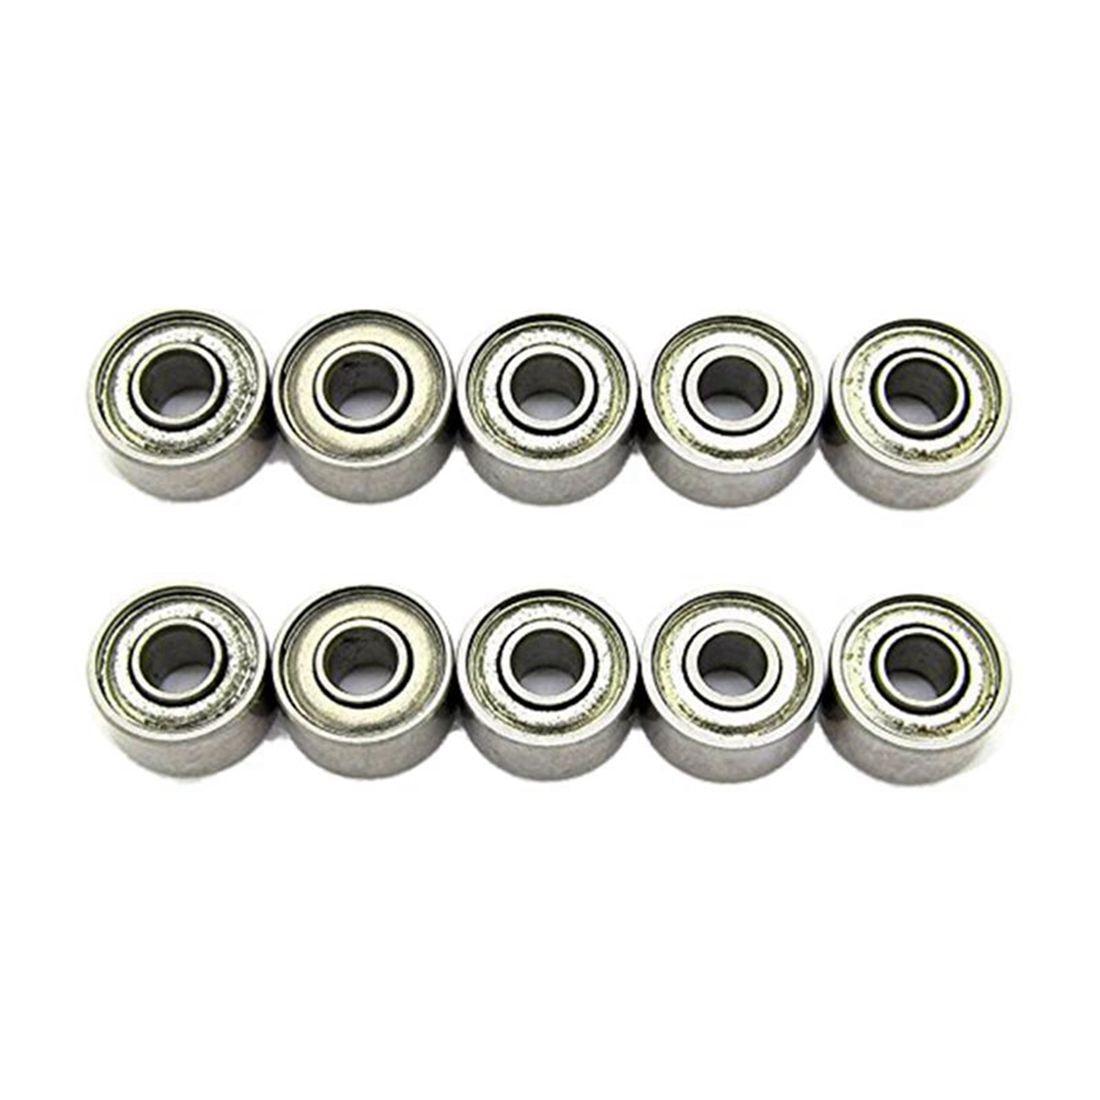 3x8x4mm rodamiento de acero en miniatura 693ZZSkateboard rodamientos de bolas de ranura profunda paquete de 10